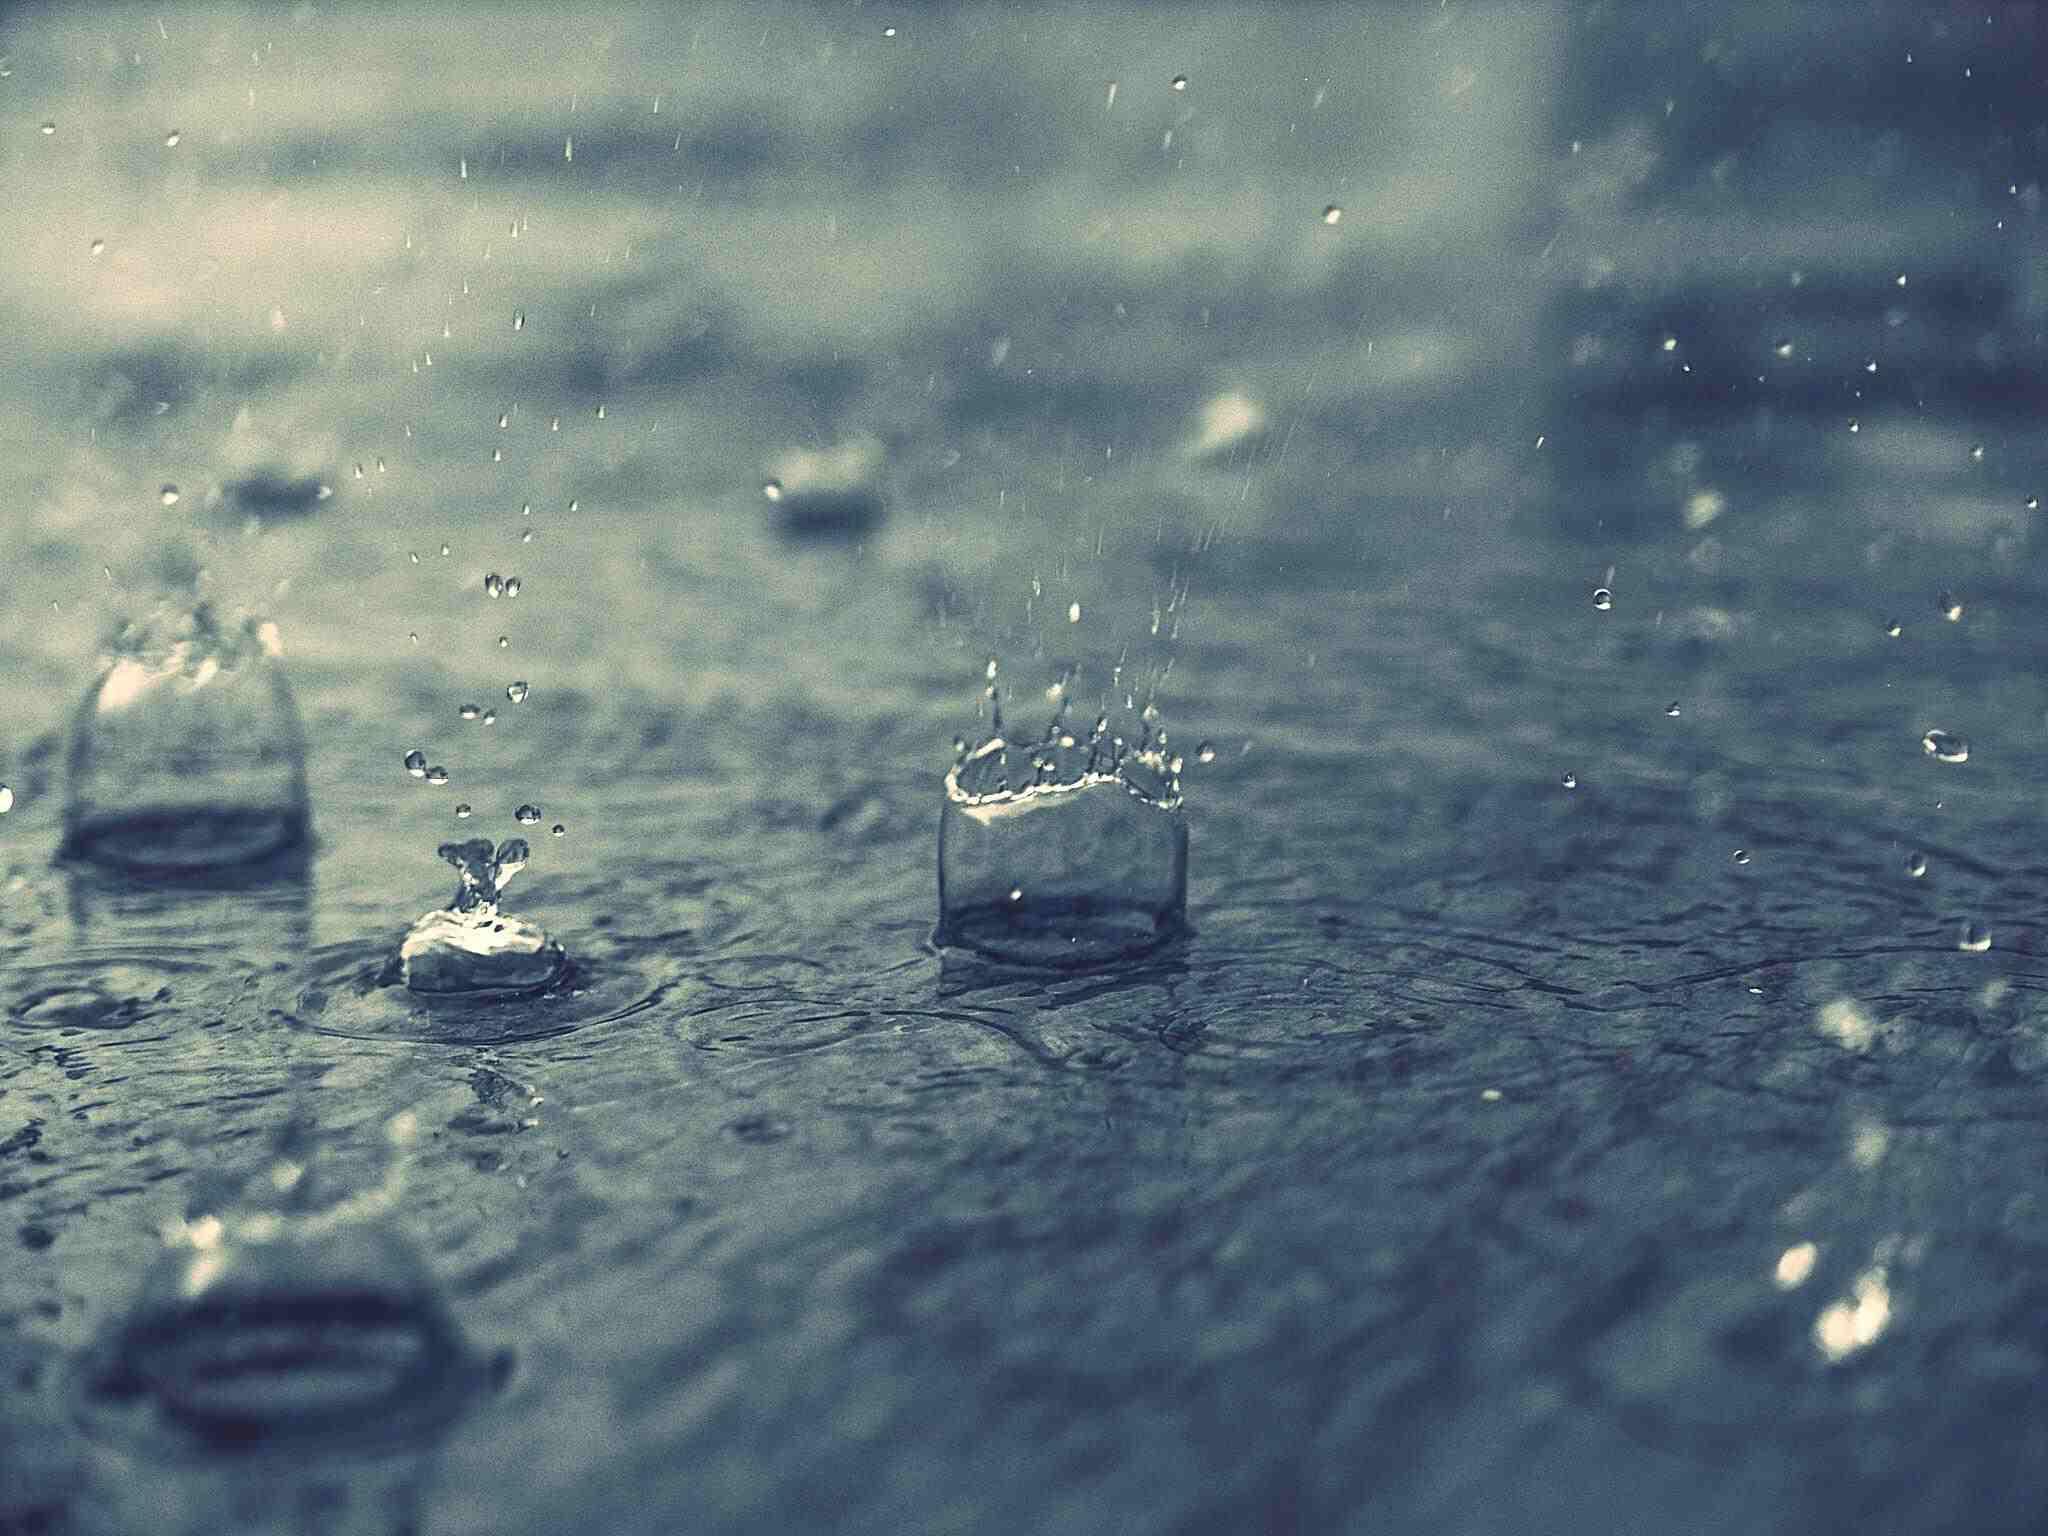 splashing-water-drops-on-road-568531079-58b73f485f9b5880804b4896